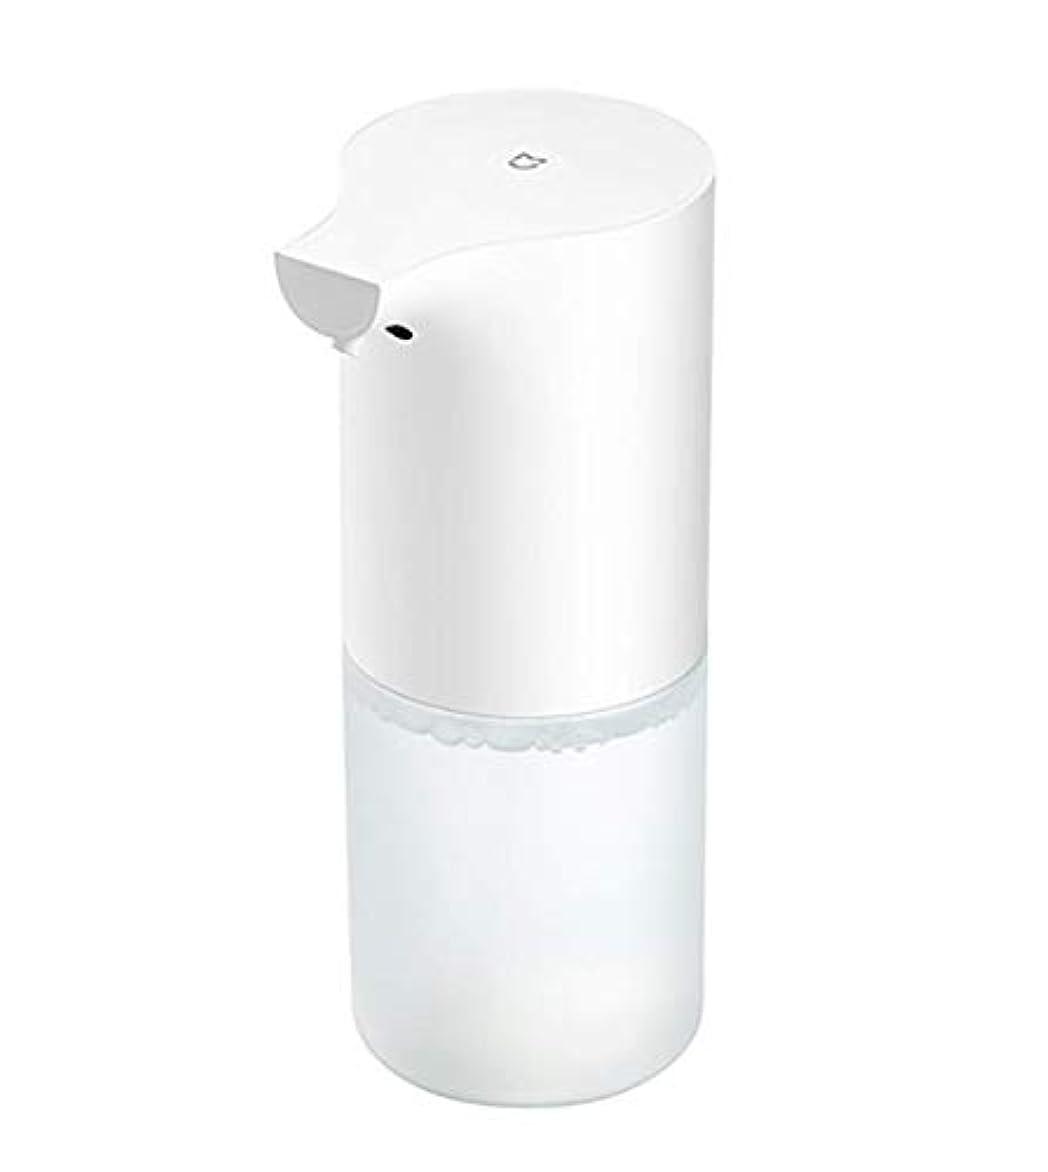 ブロー海港ゴミ箱を空にする自動誘導発泡ハンドウォッシャーフォームソープディスペンサー赤外線センサーソープディスペンサー用浴室キッチン